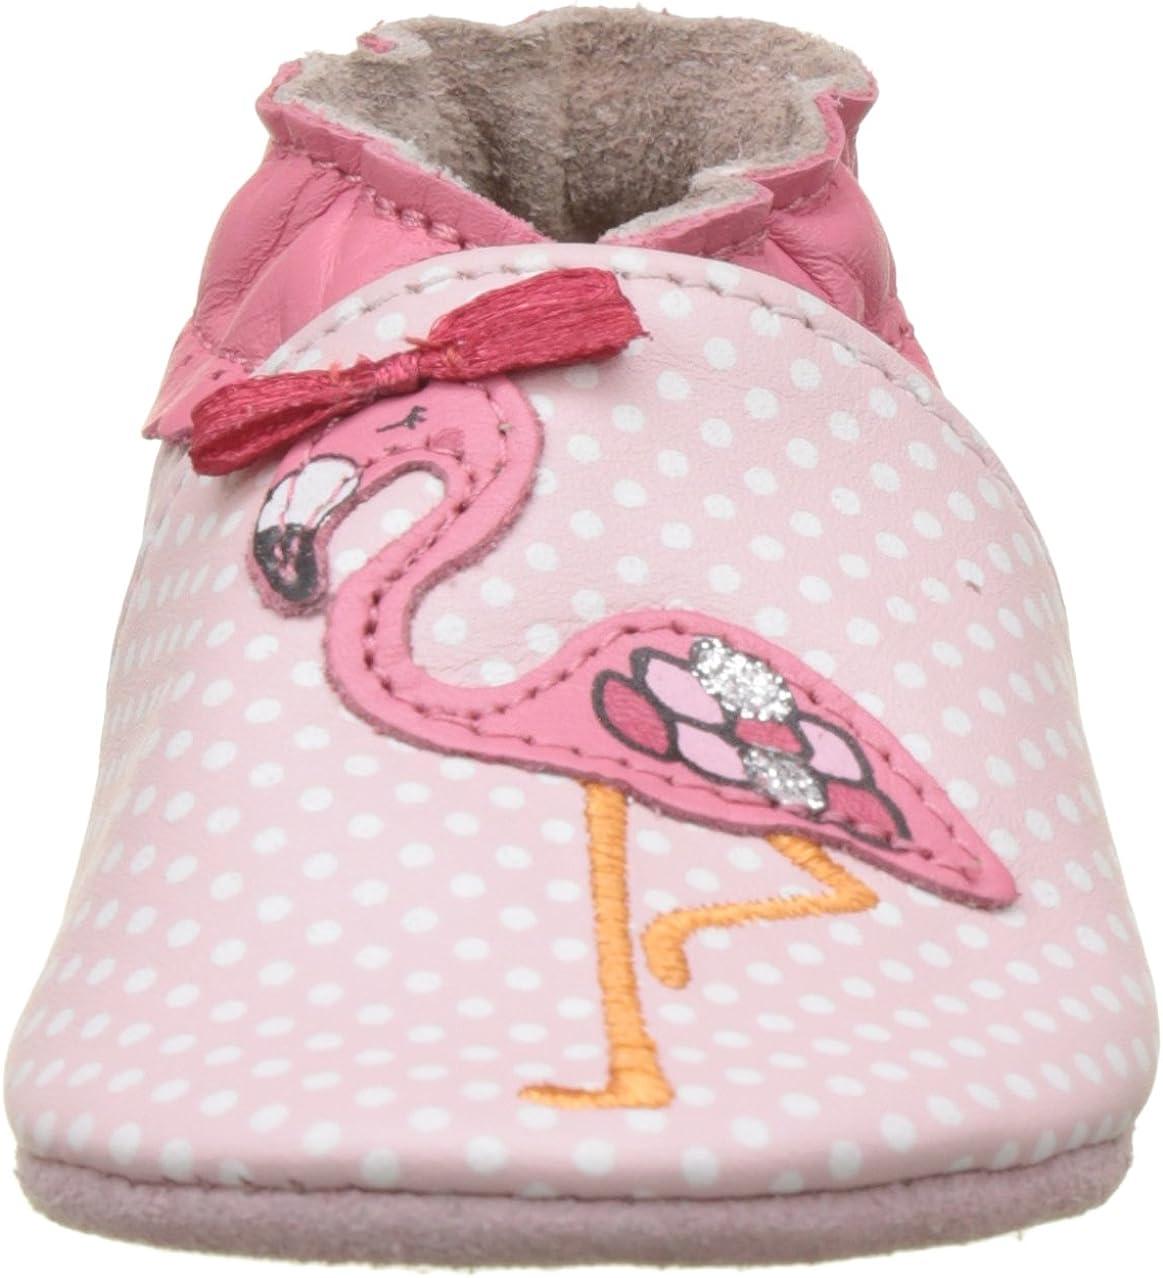 Chaussons b/éb/é Fille Robeez Pink Flamingo